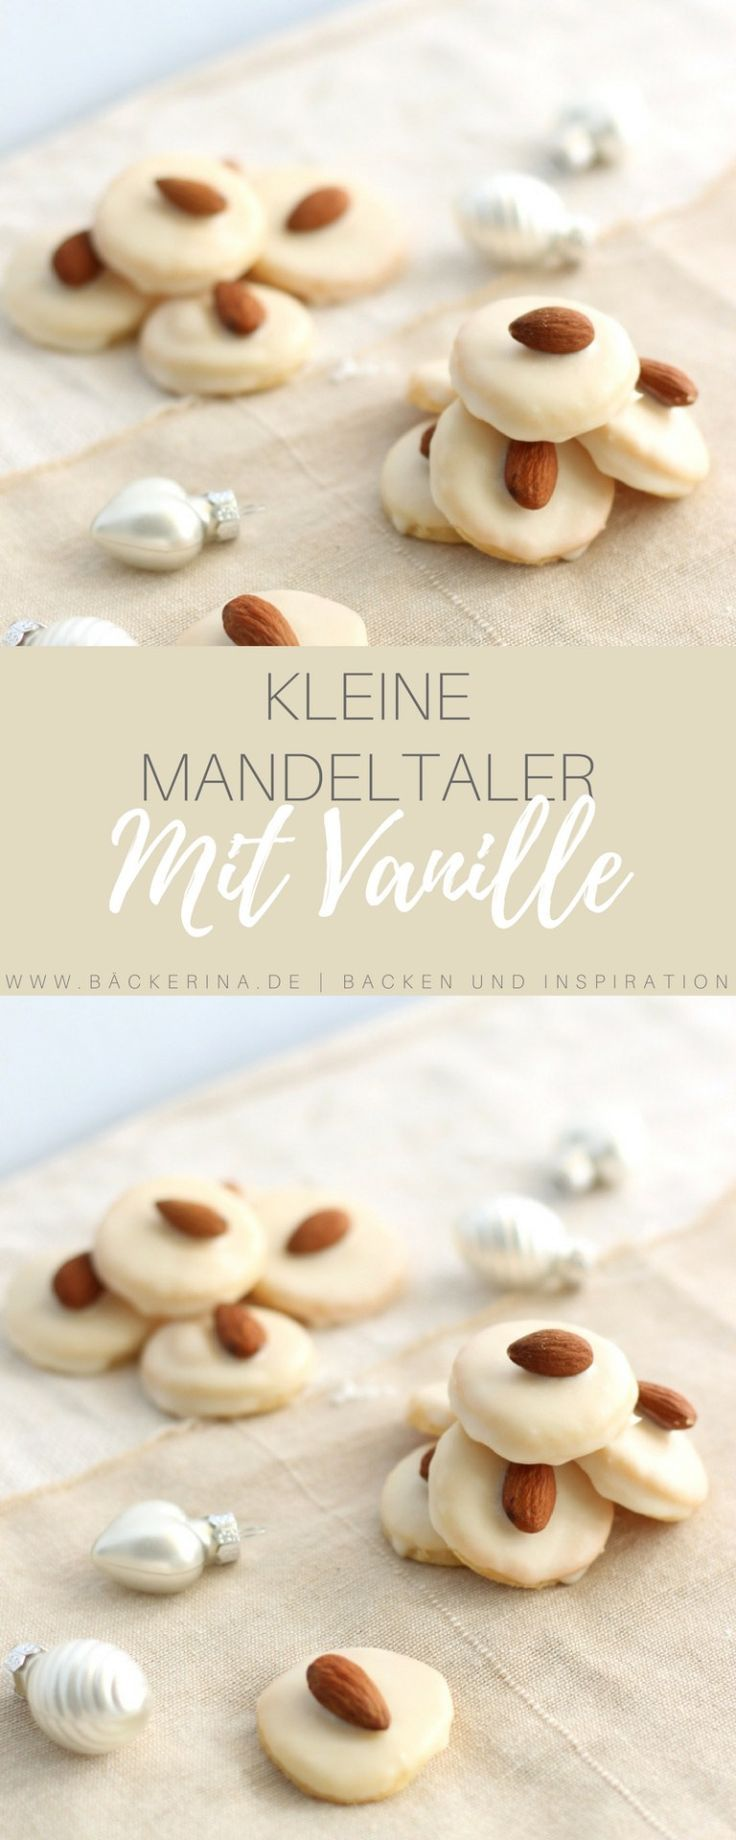 Mandeltaler mit Vanille - Einfaches Weihnachtsplätzchen Rezept